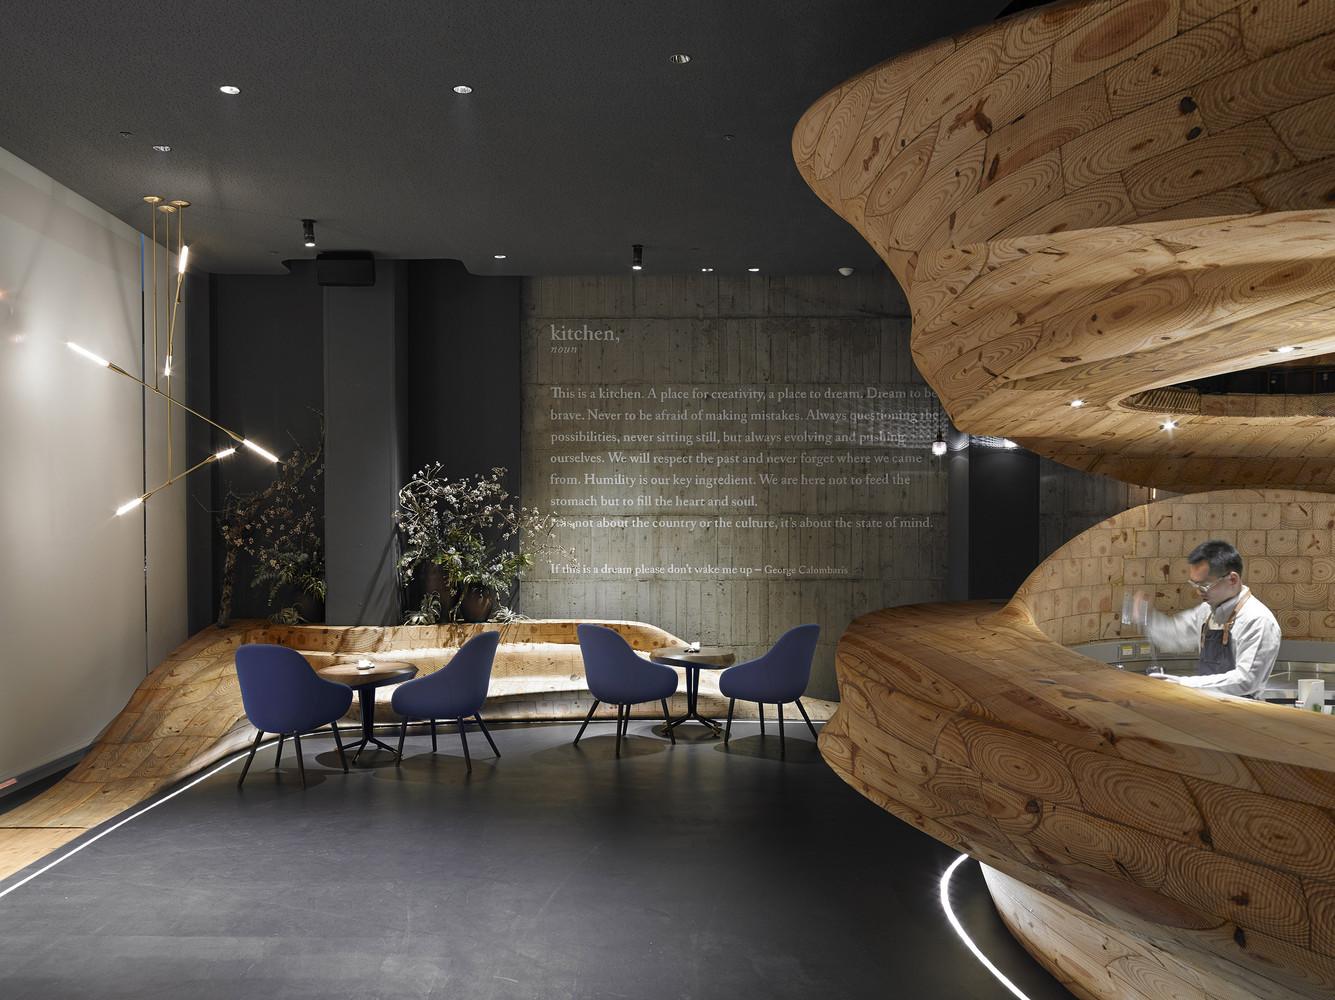 طراحی رستورانی بی نظیر در تایوان